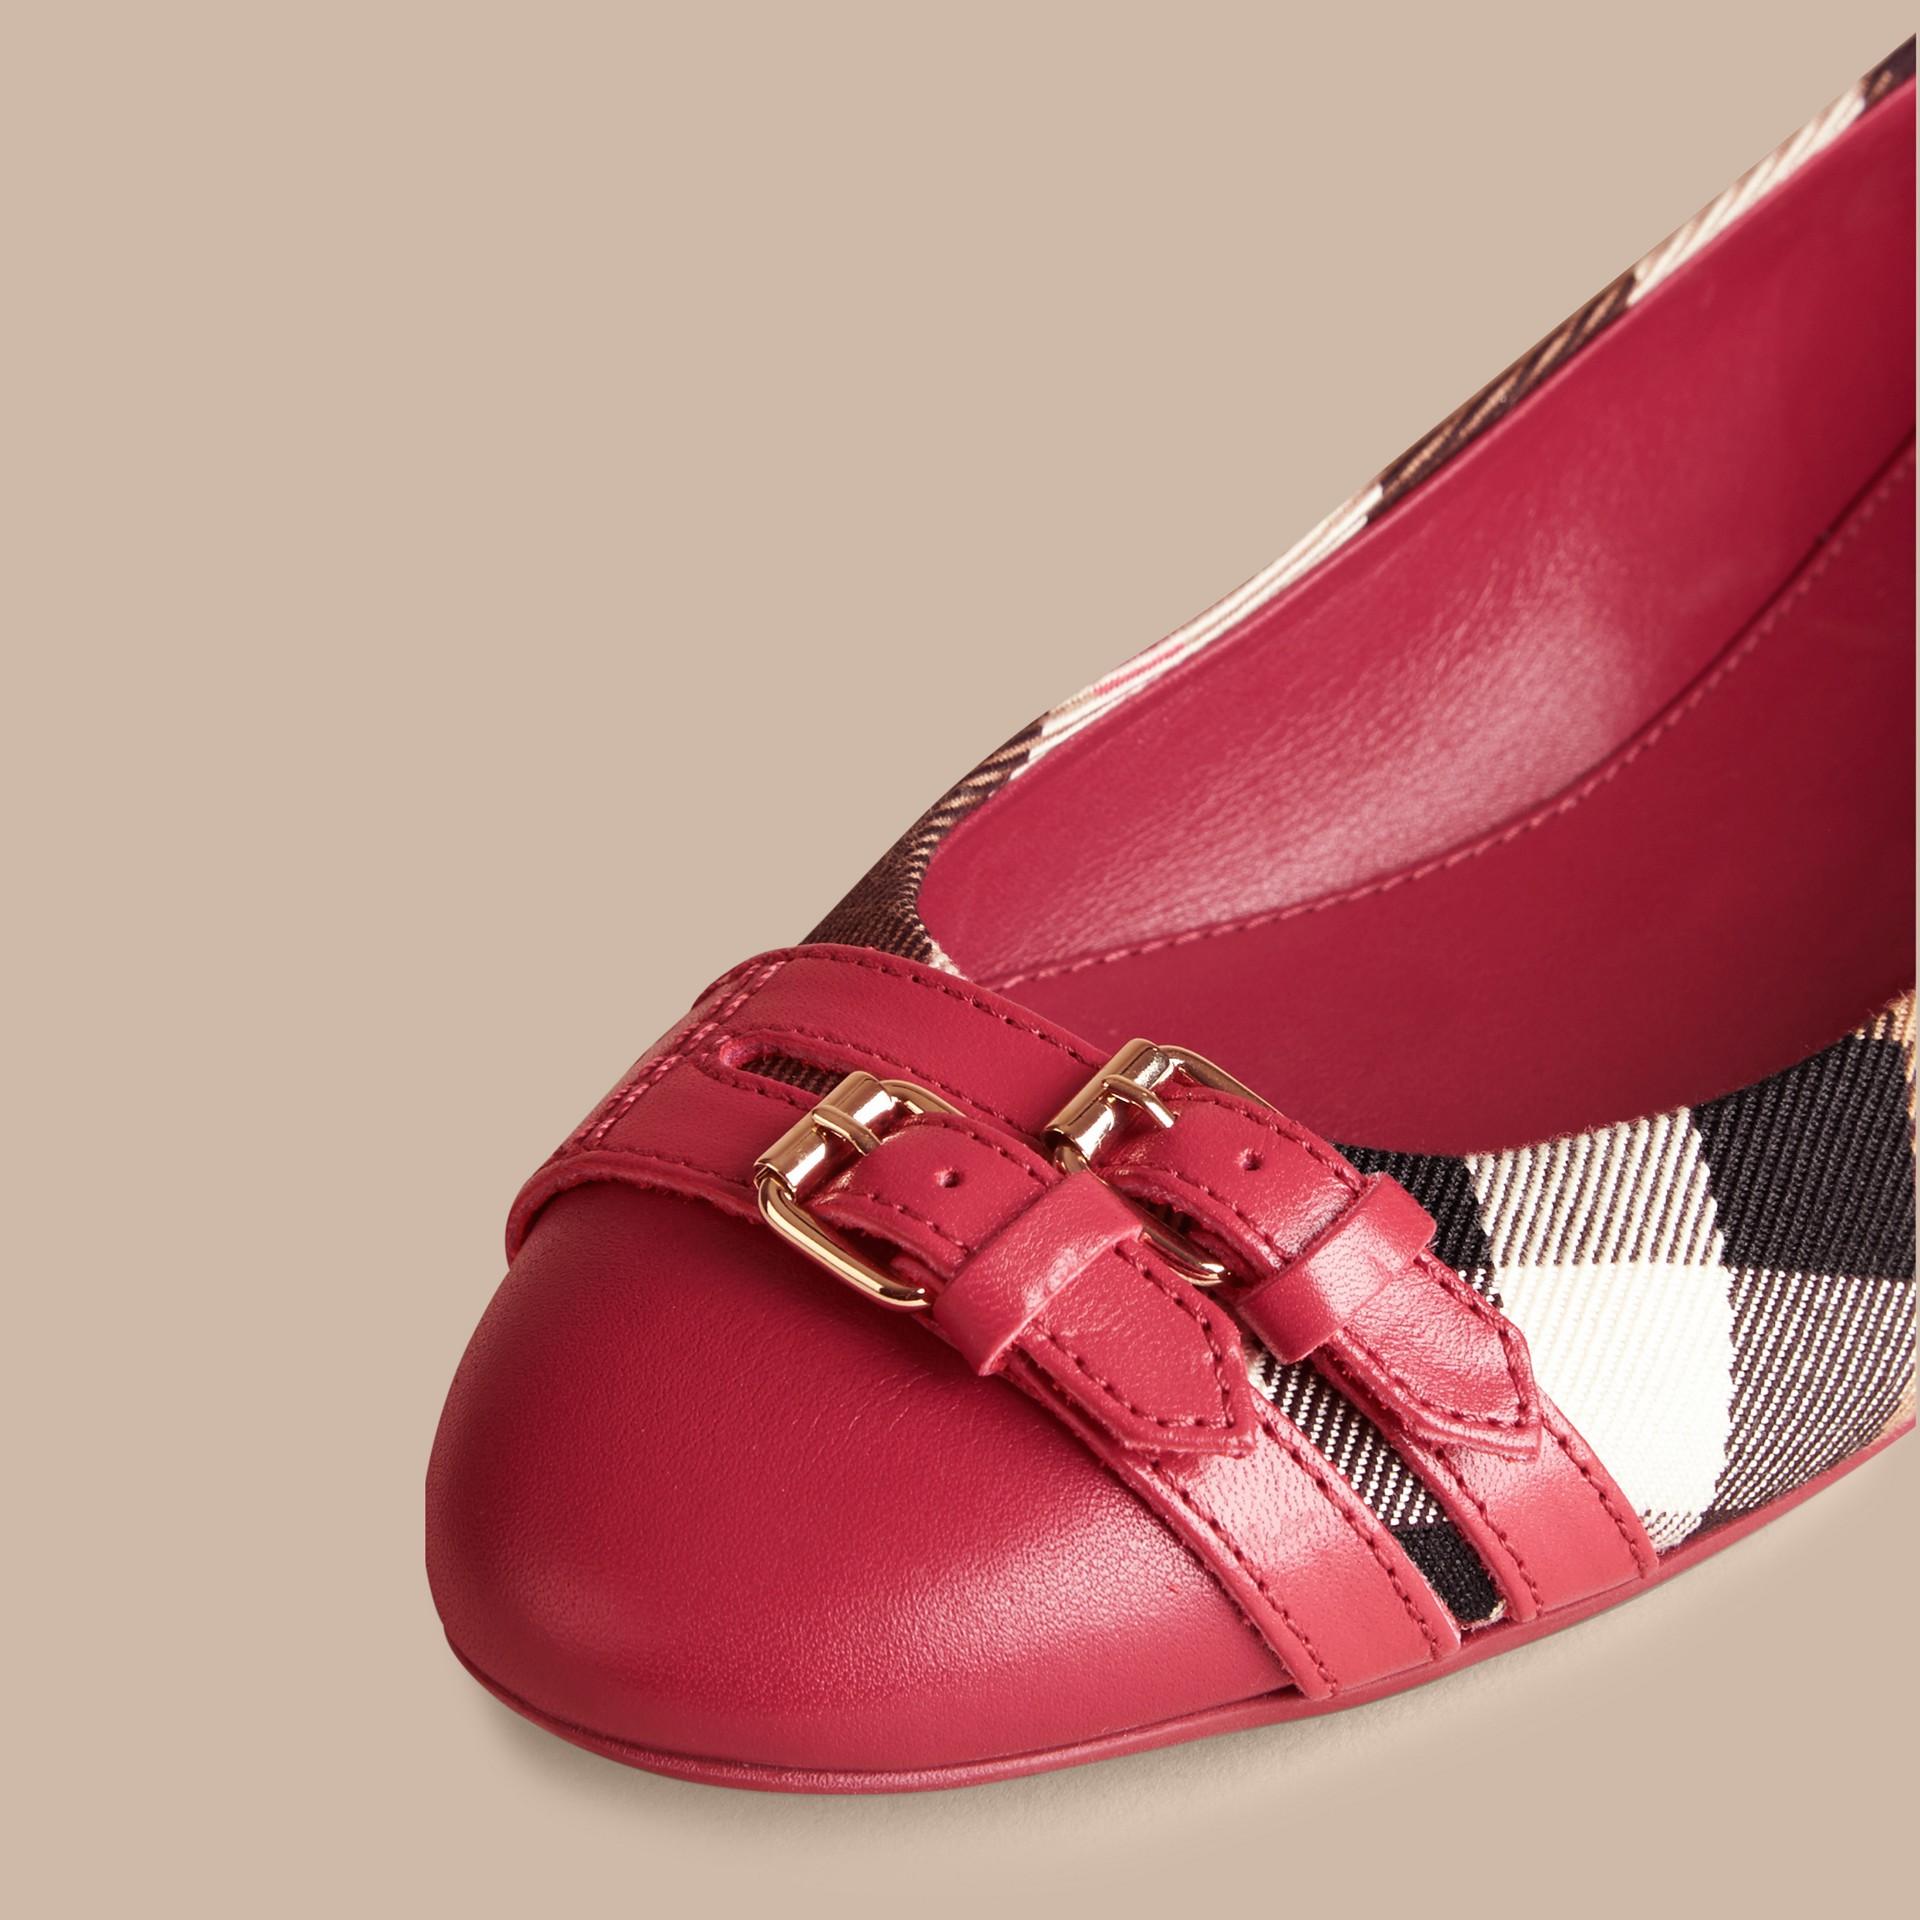 Vermelho russet Ballerinas com fivela estilo equestre e padrão House check - galeria de imagens 2